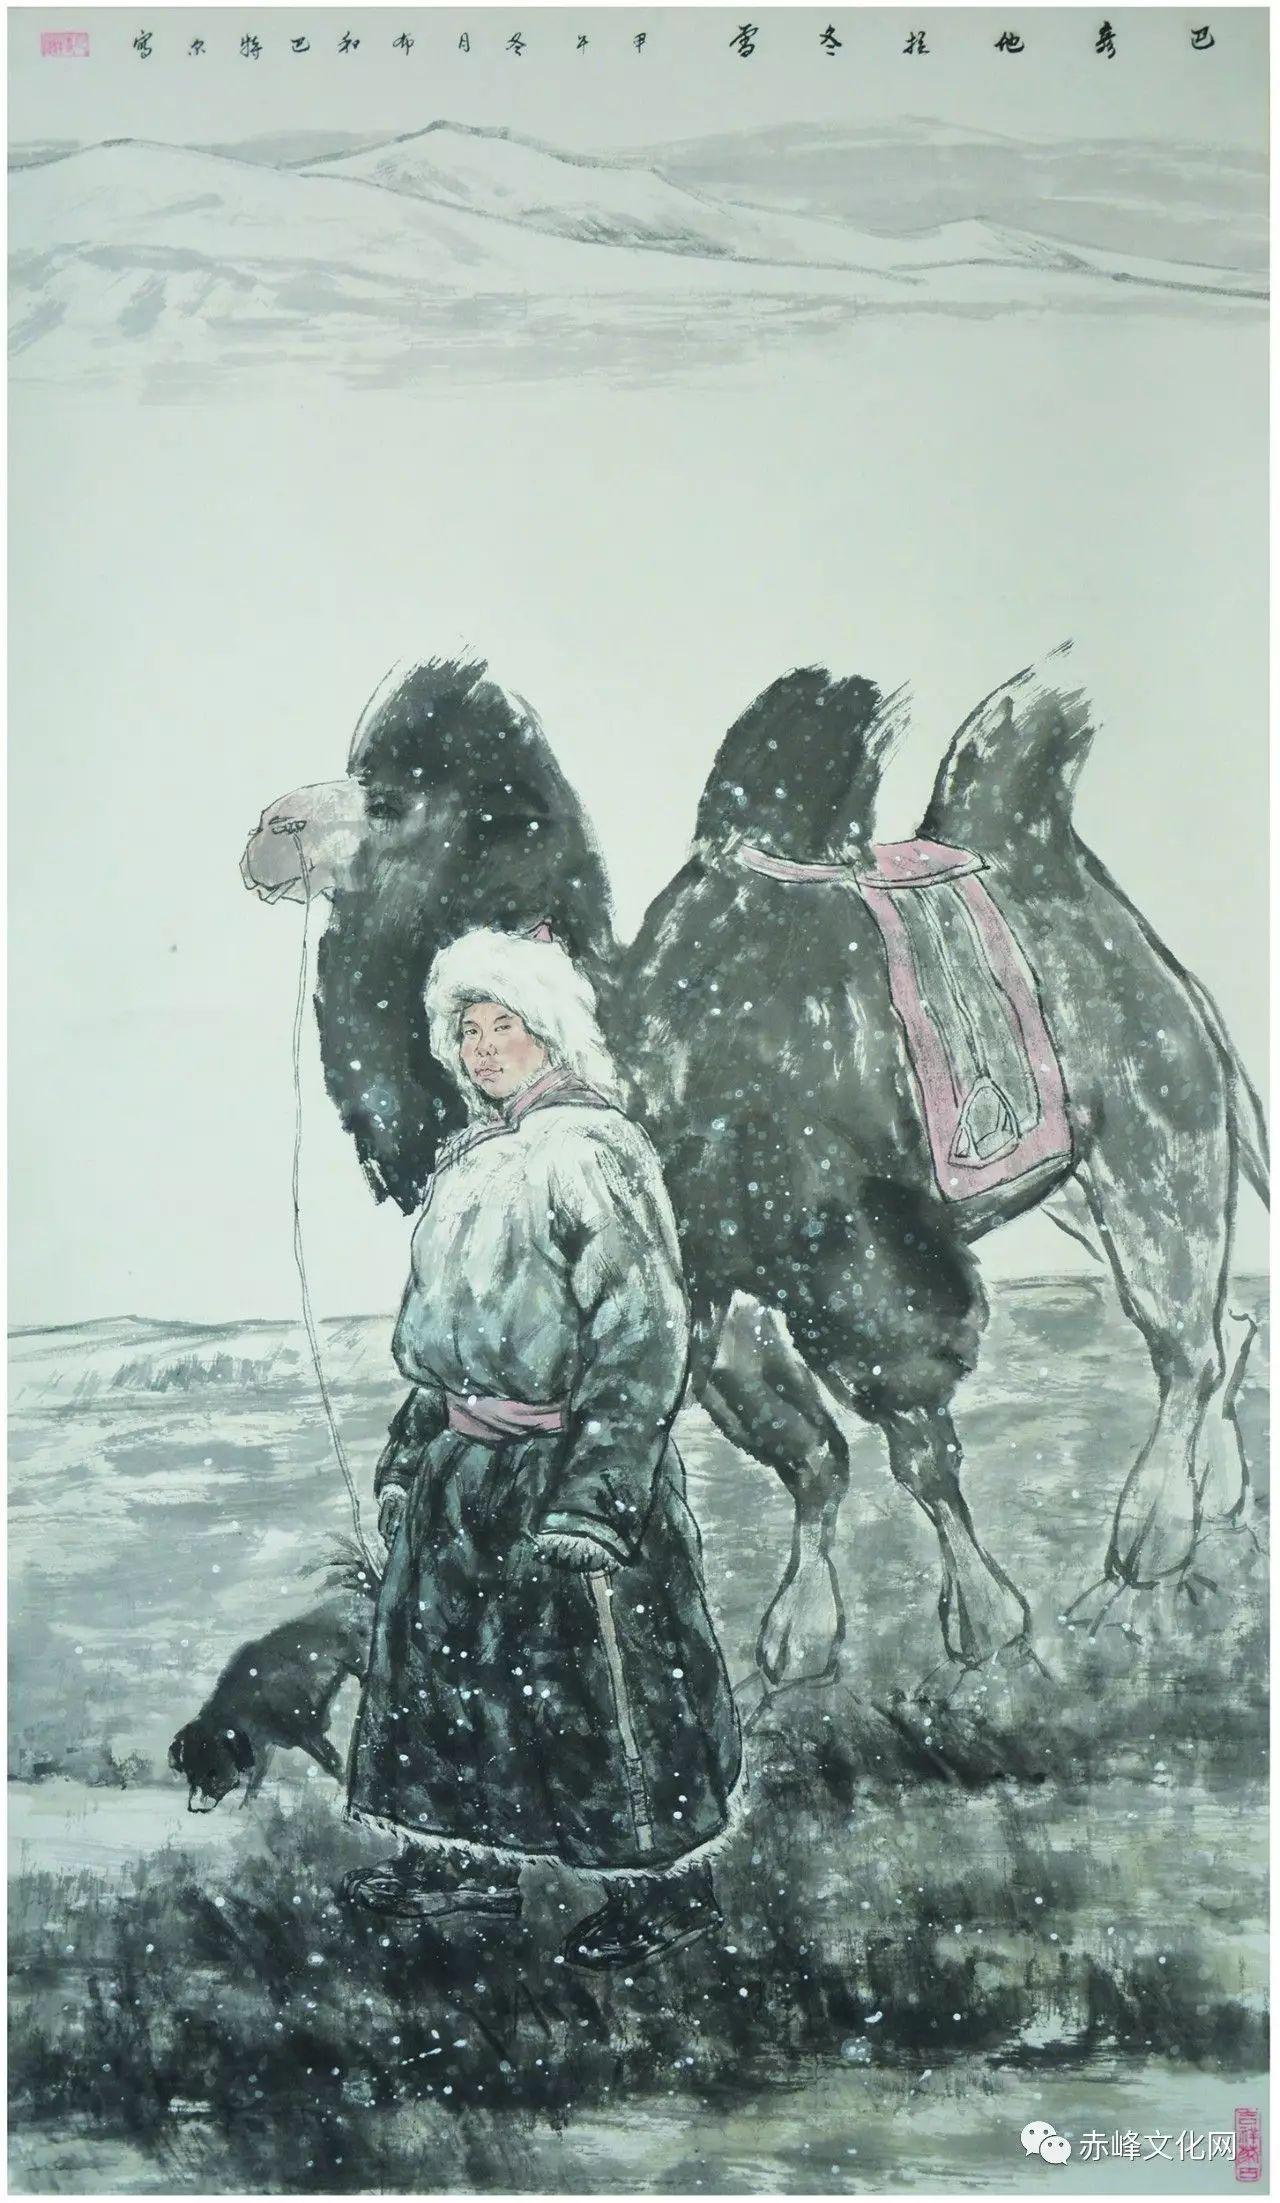 【文化赤峰】水墨丹青、栩栩如生——布和巴特尔国画展! 第12张